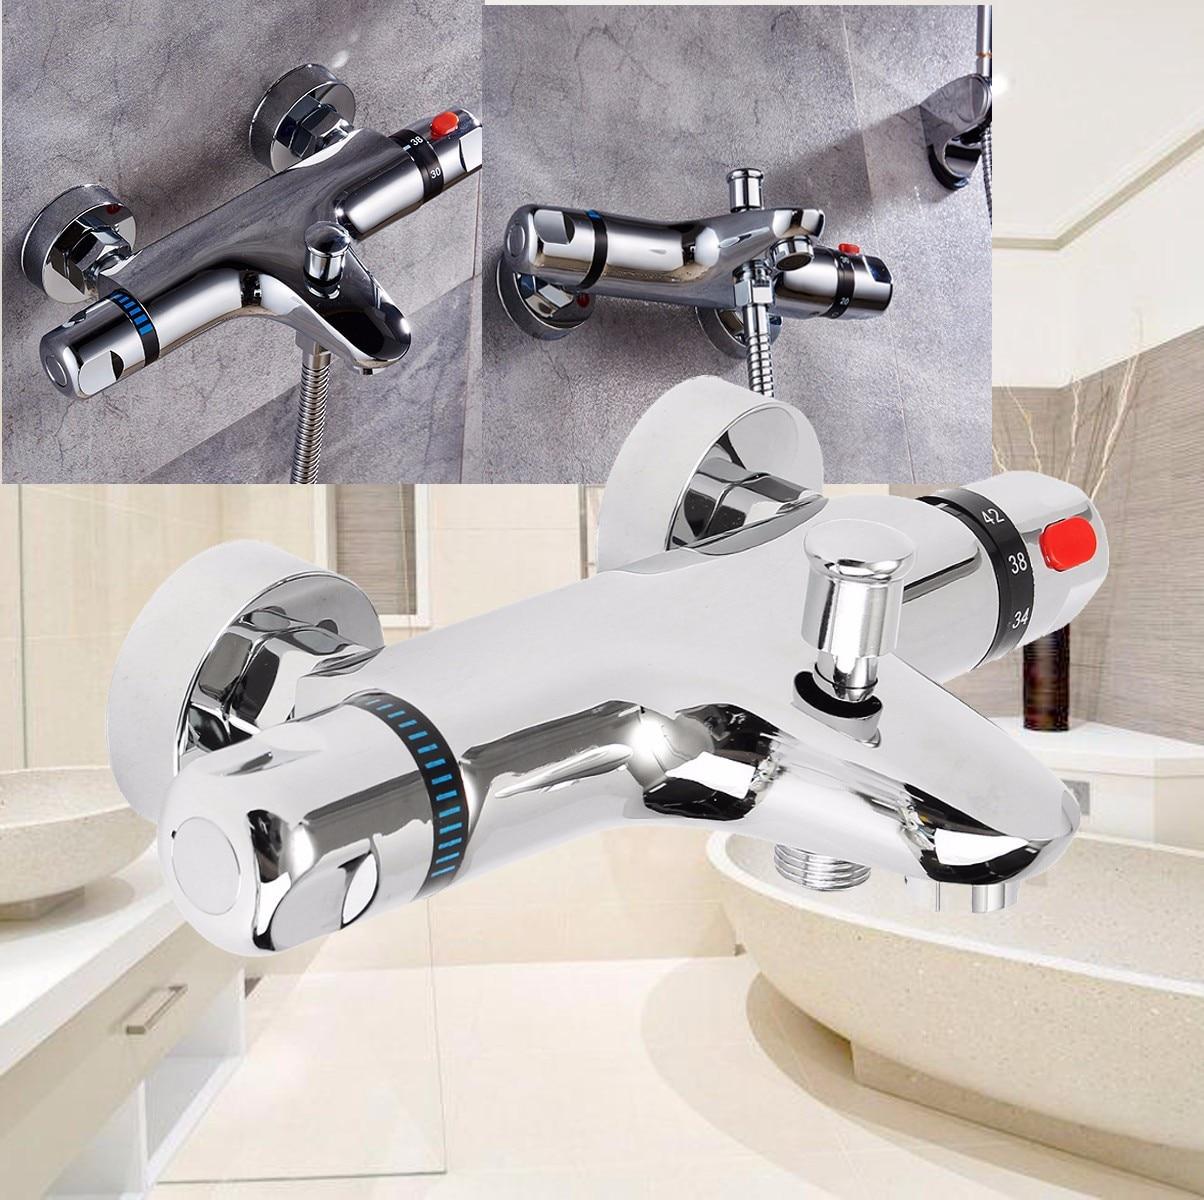 Термостатический смеситель для ванной комнаты, смеситель для душа с регулируемым клапаном, настенный керамический кран с двумя ручками